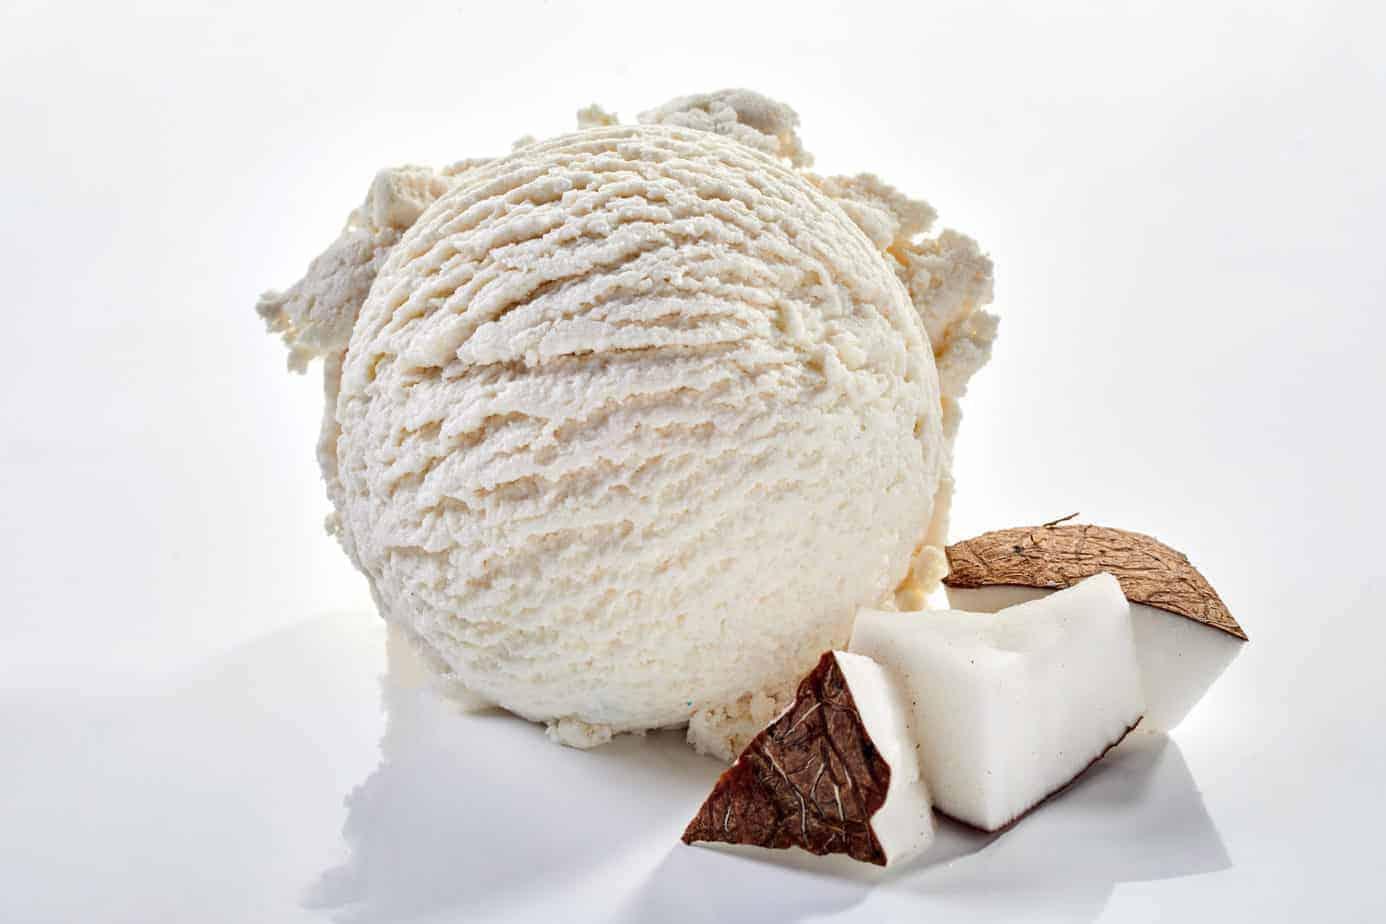 Kokosnuß- Eiscreme